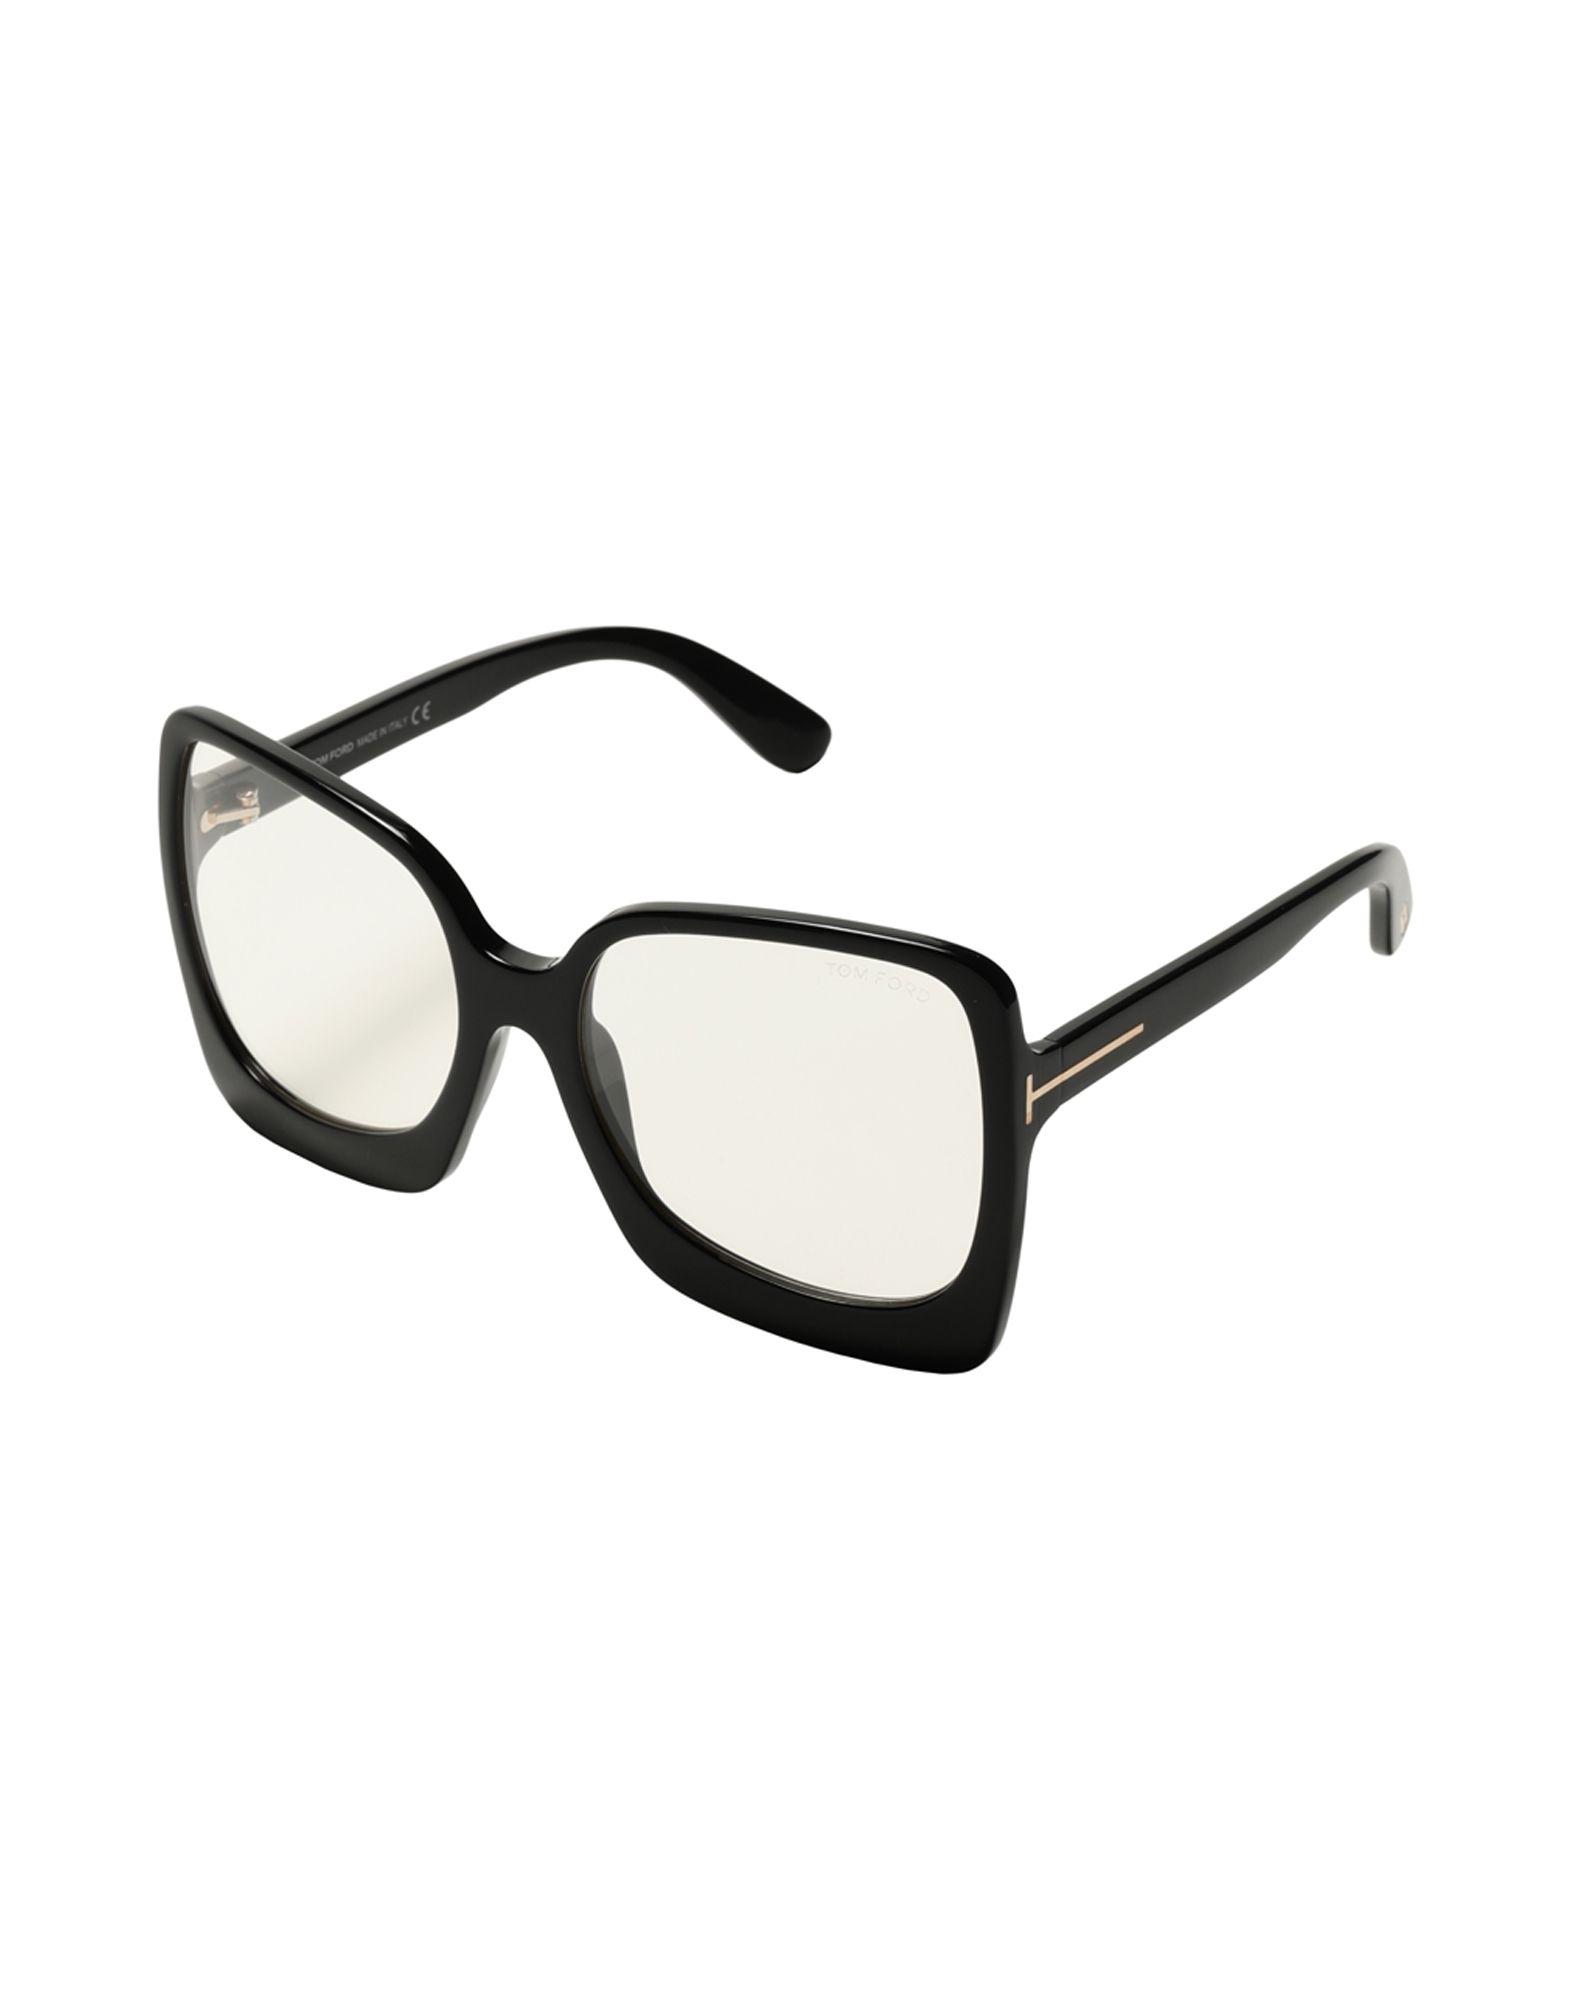 Фото - TOM FORD Очки tom ford солнцезащитные очки ft 0266 01b